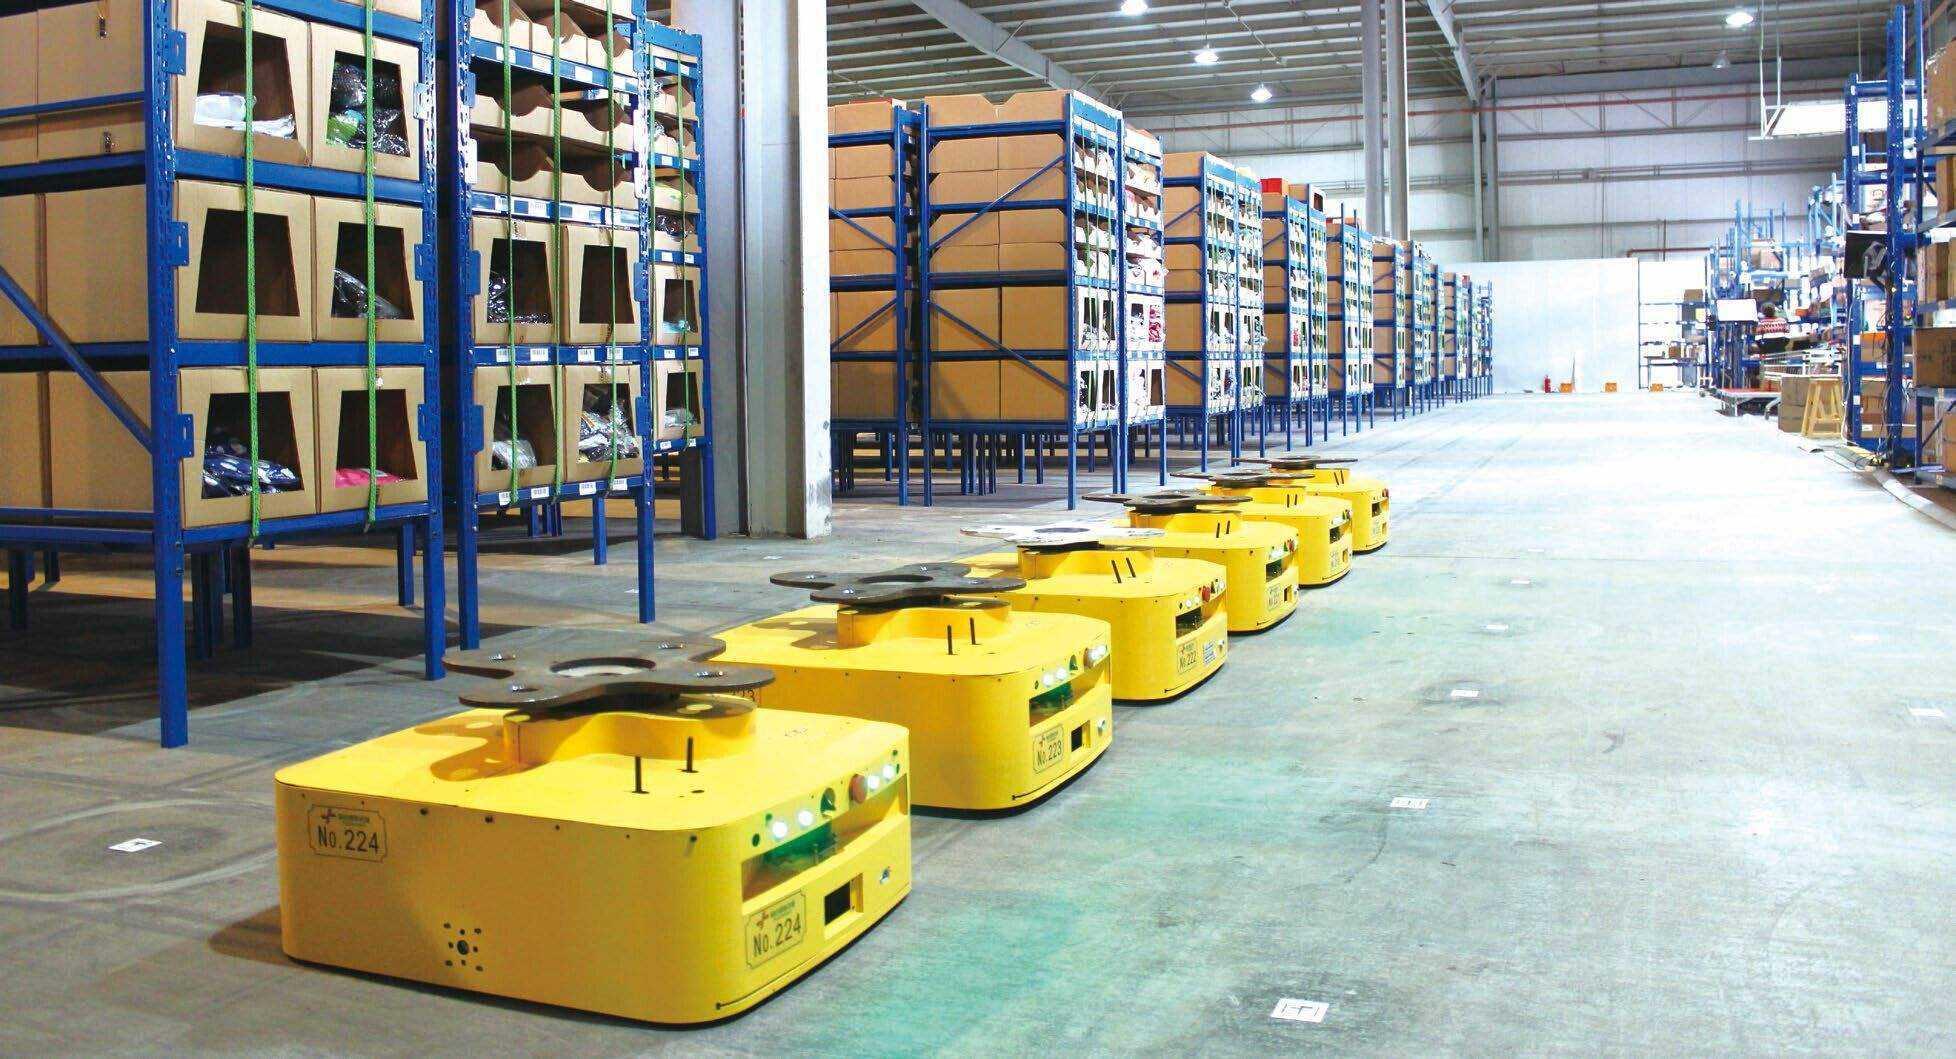 『時代』自動化倉儲時代的到來是否會取代電商倉儲外包服務?,